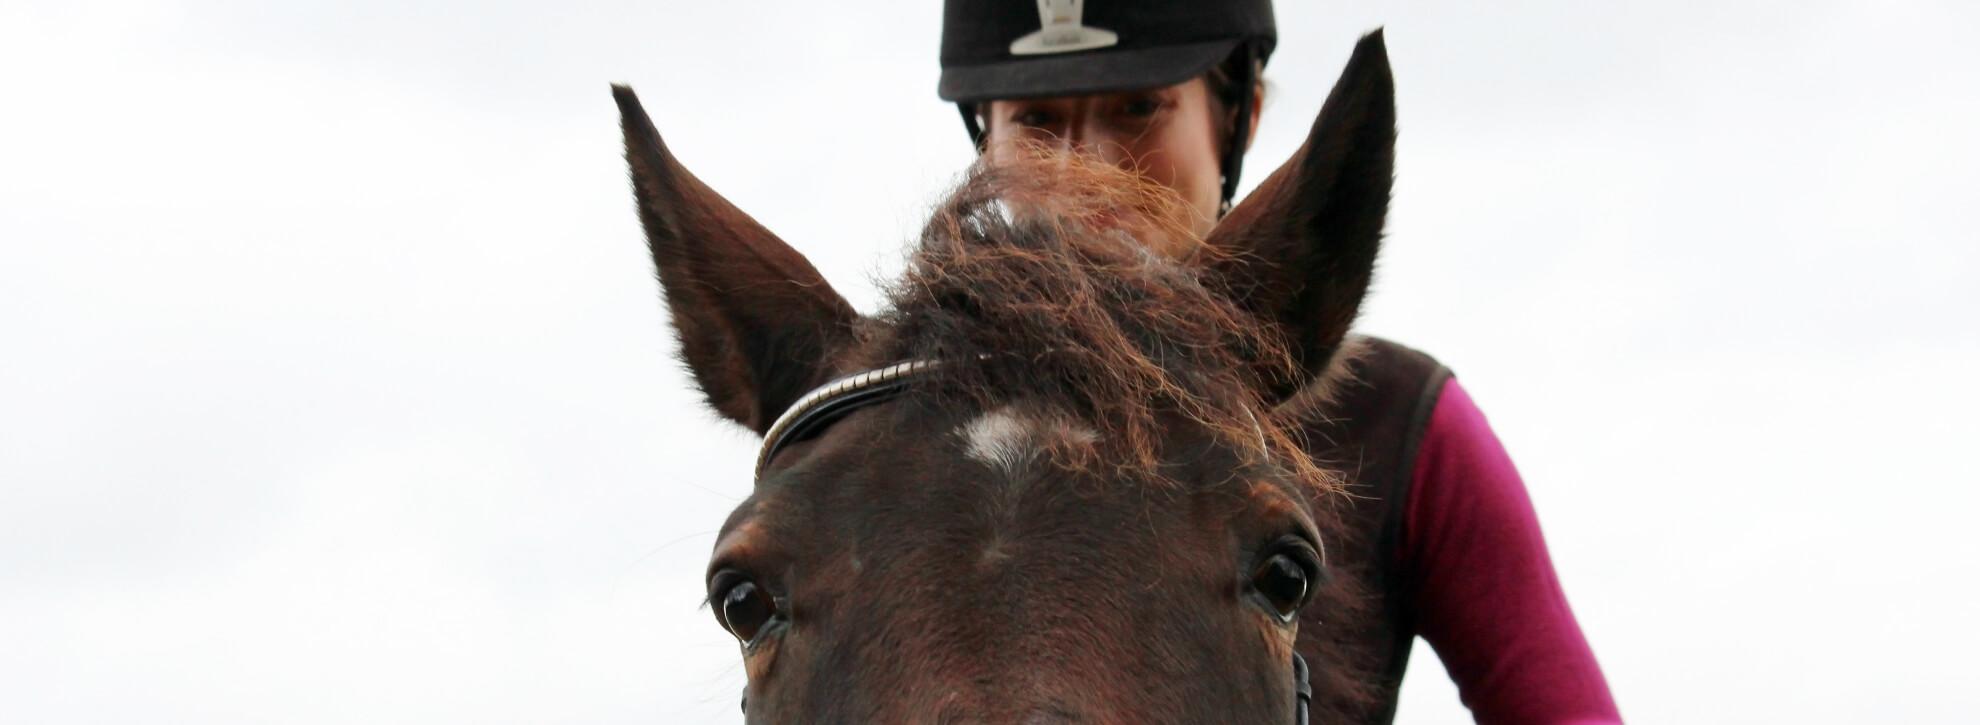 #11 Wat als je frustratie voelt in de training met je paard - Two Happy Athletes Podcast